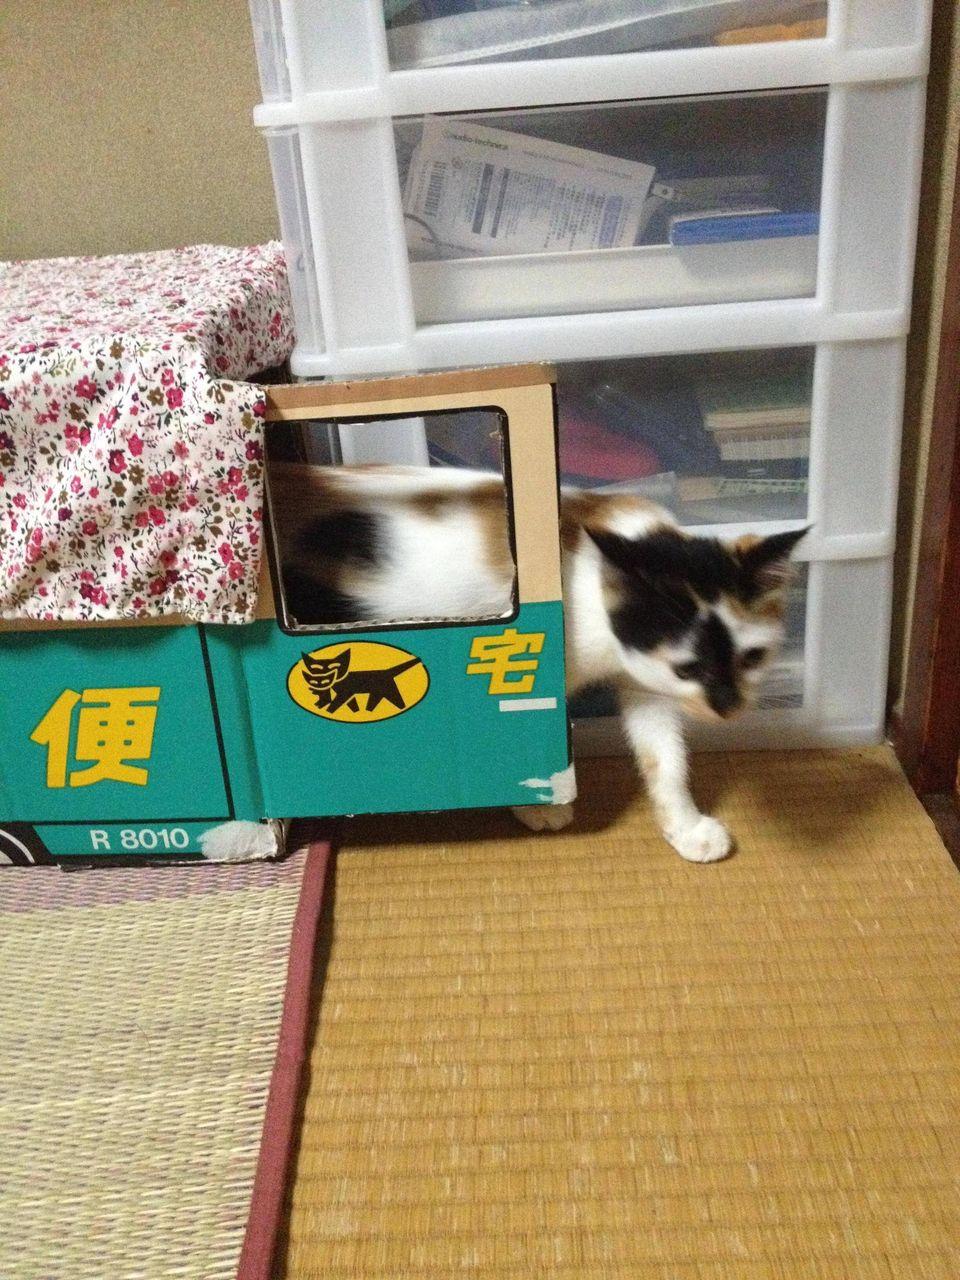 http://livedoor.blogimg.jp/akan2ch/imgs/d/3/d3280752.jpg